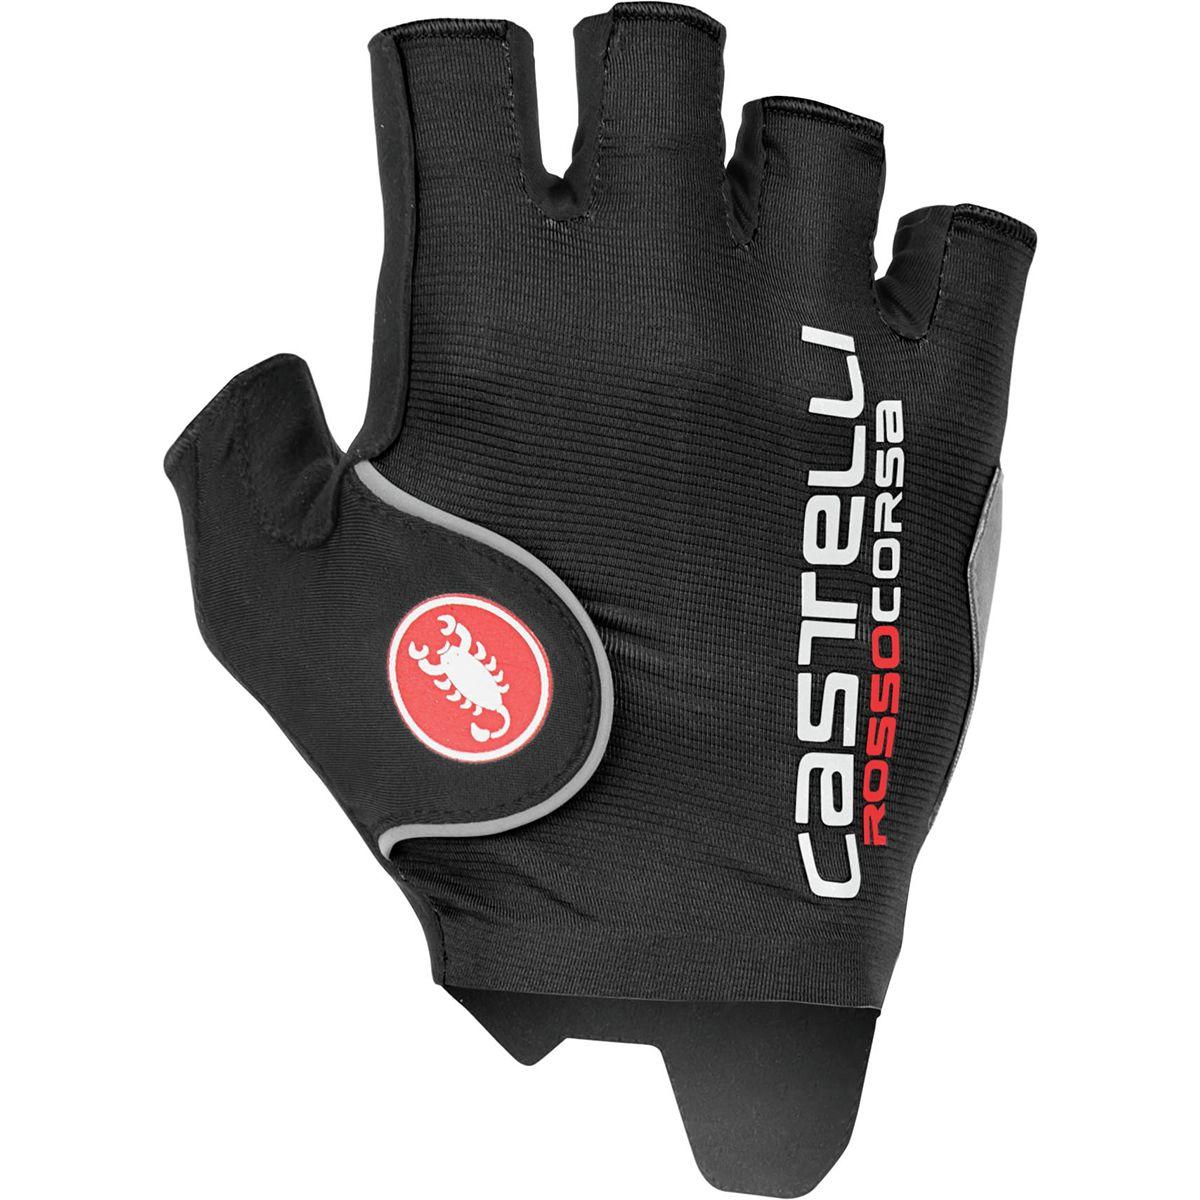 Castelli-Rosso-Corsa-Pro-Glove-Men-039-s miniature 9